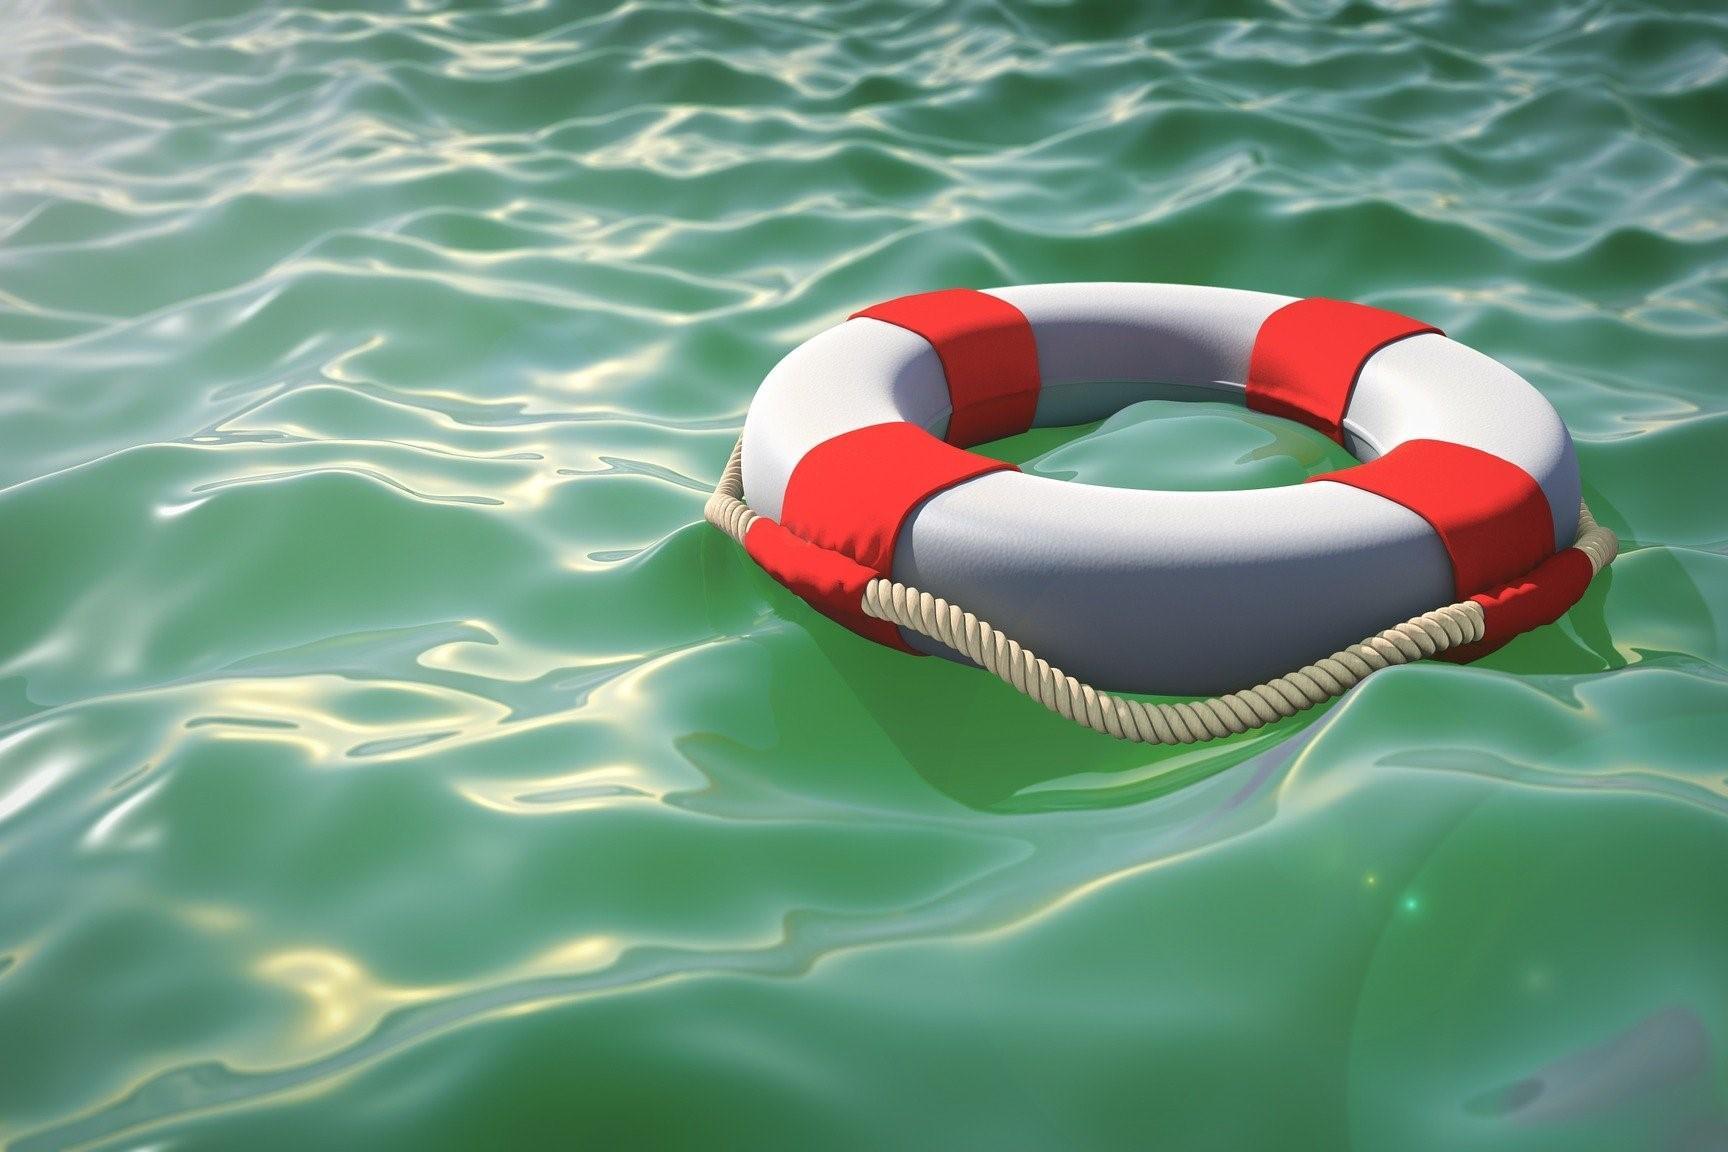 Rettungsring im Wasser, Quelle: Bild von Dimitri Wittmann auf Pixabay